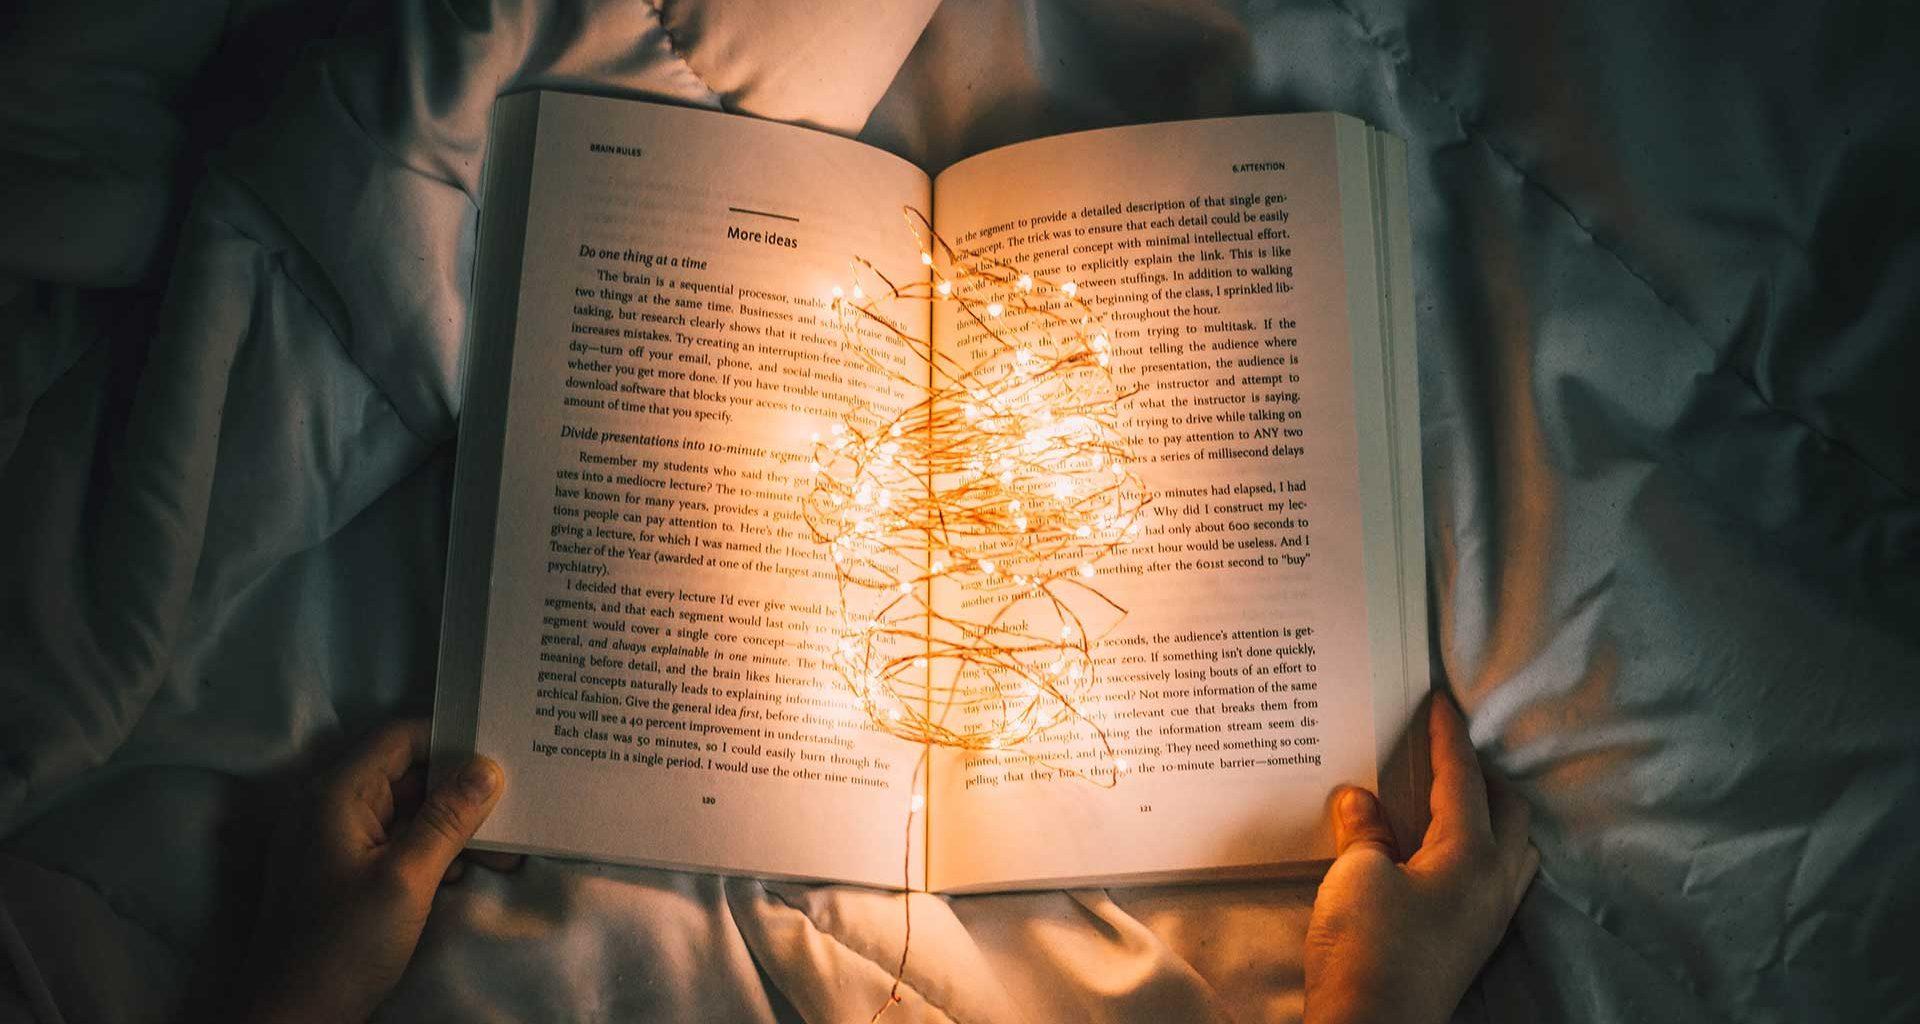 Vôňa kníh či napínavý dej!? MAREC- mesiac kníh je tu opäť! Milovníci čítania tento mesiac veľmi uctievajú! V čom je taký výnimočný!?